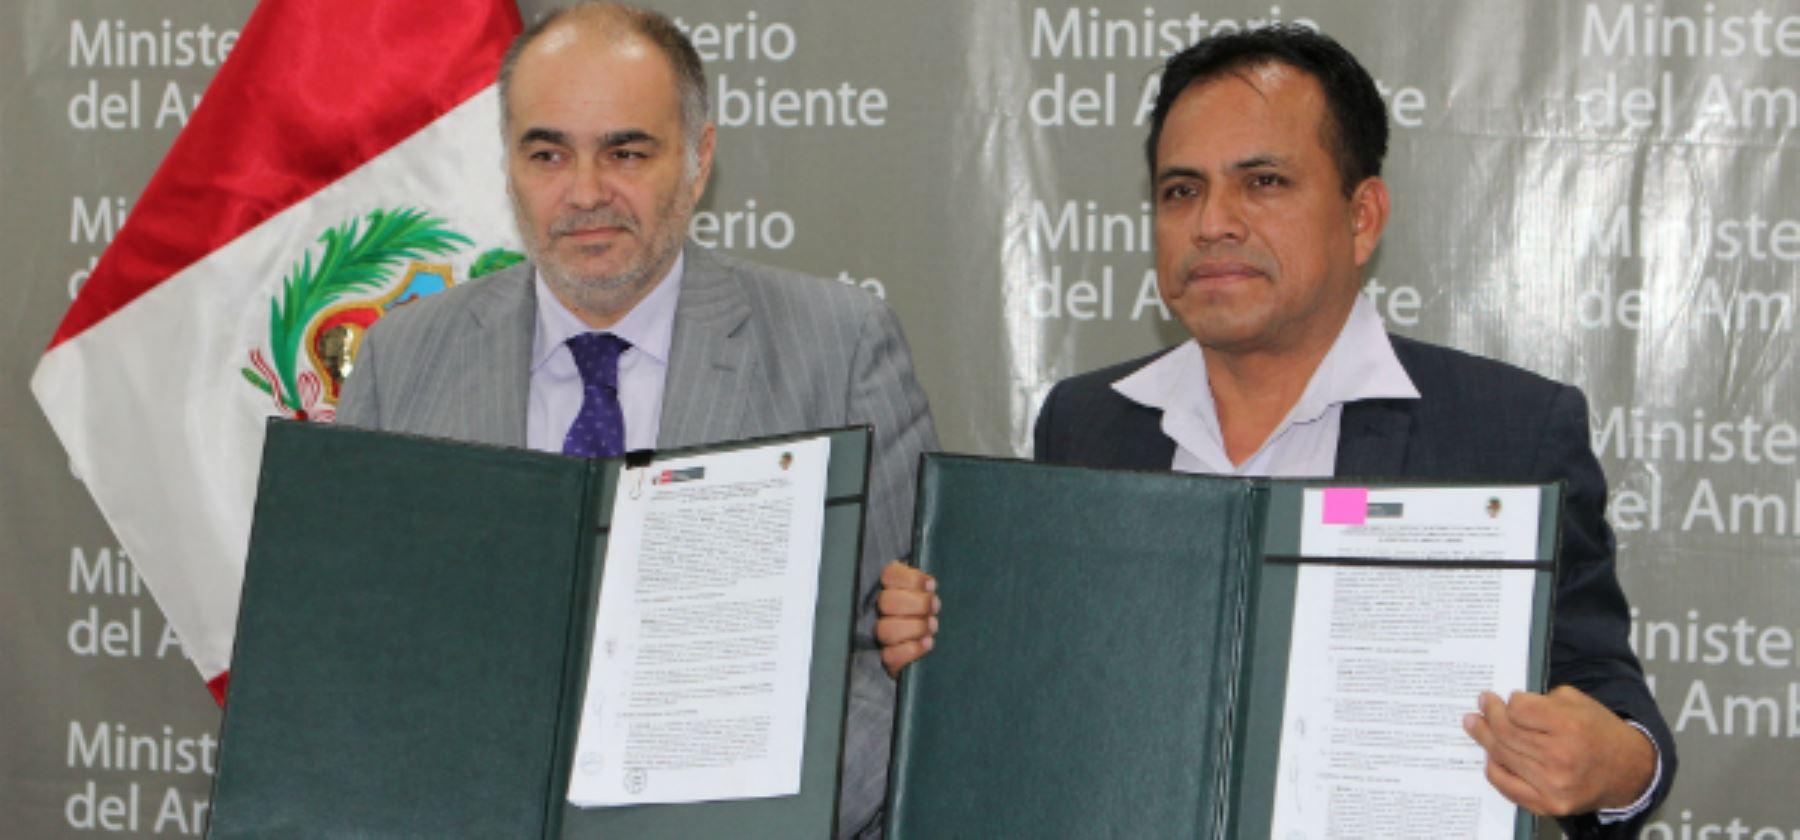 Viceministro de Desarrollo Estratégico de los Recursos Naturales del Ministerio del Ambiente, Gabriel Quijandría, suscribe convenio de cooperación con el presidente de la Confederación de Nacionalidades Amazónicas del Perú, Oseas Barbarán.